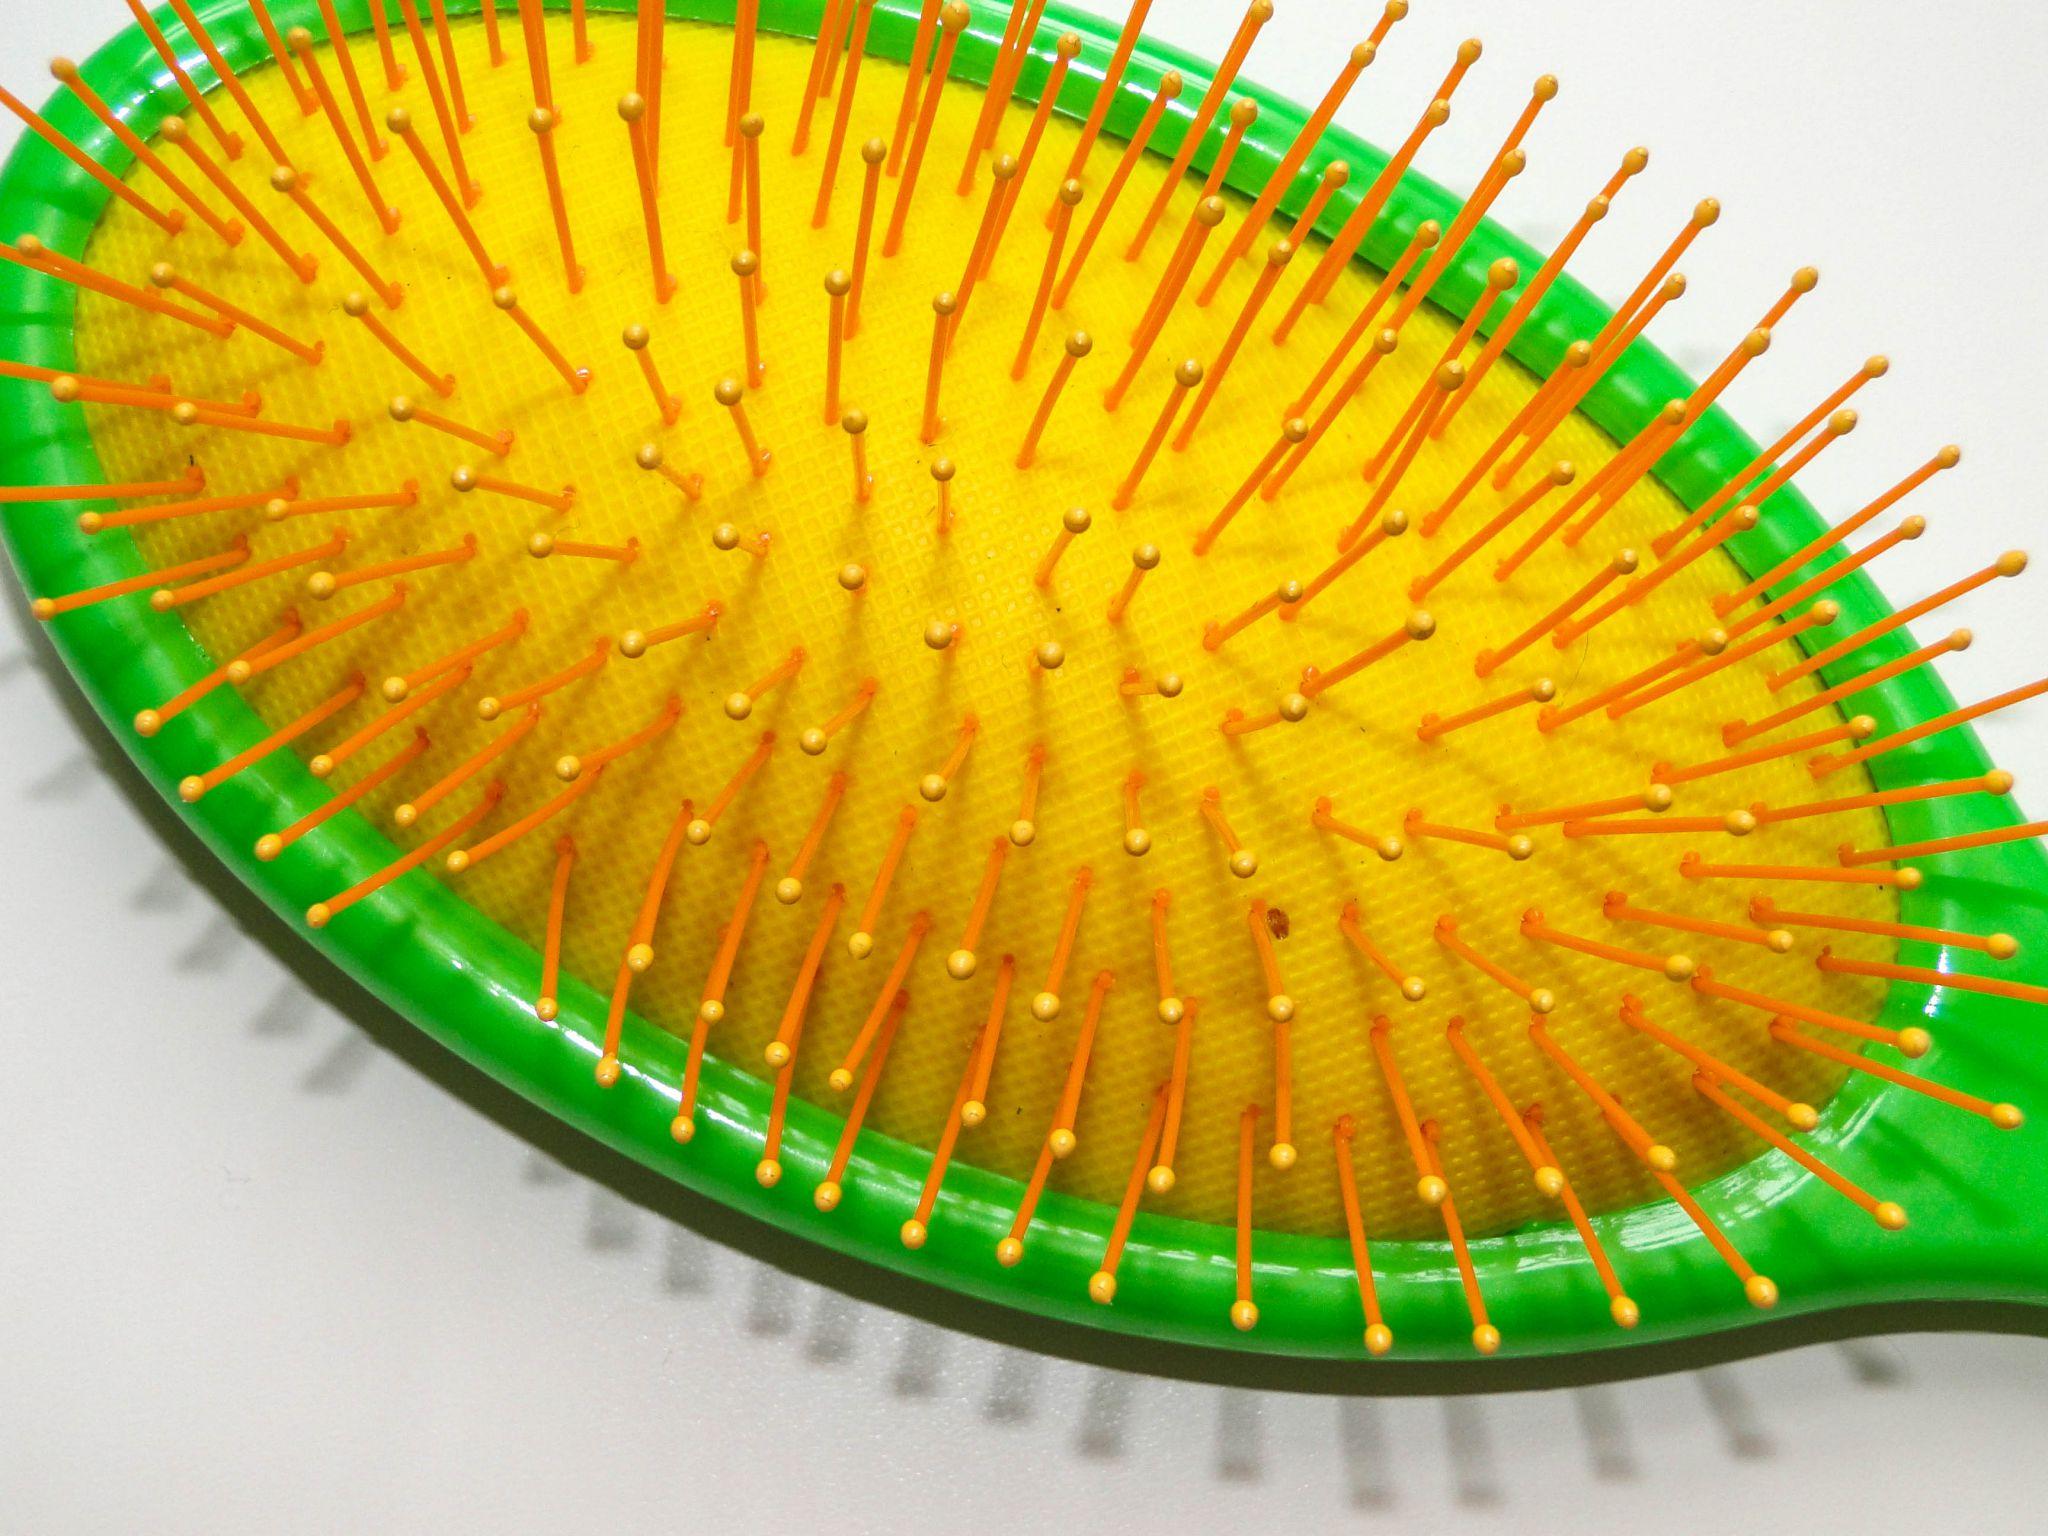 The Wet Brush Neon-3